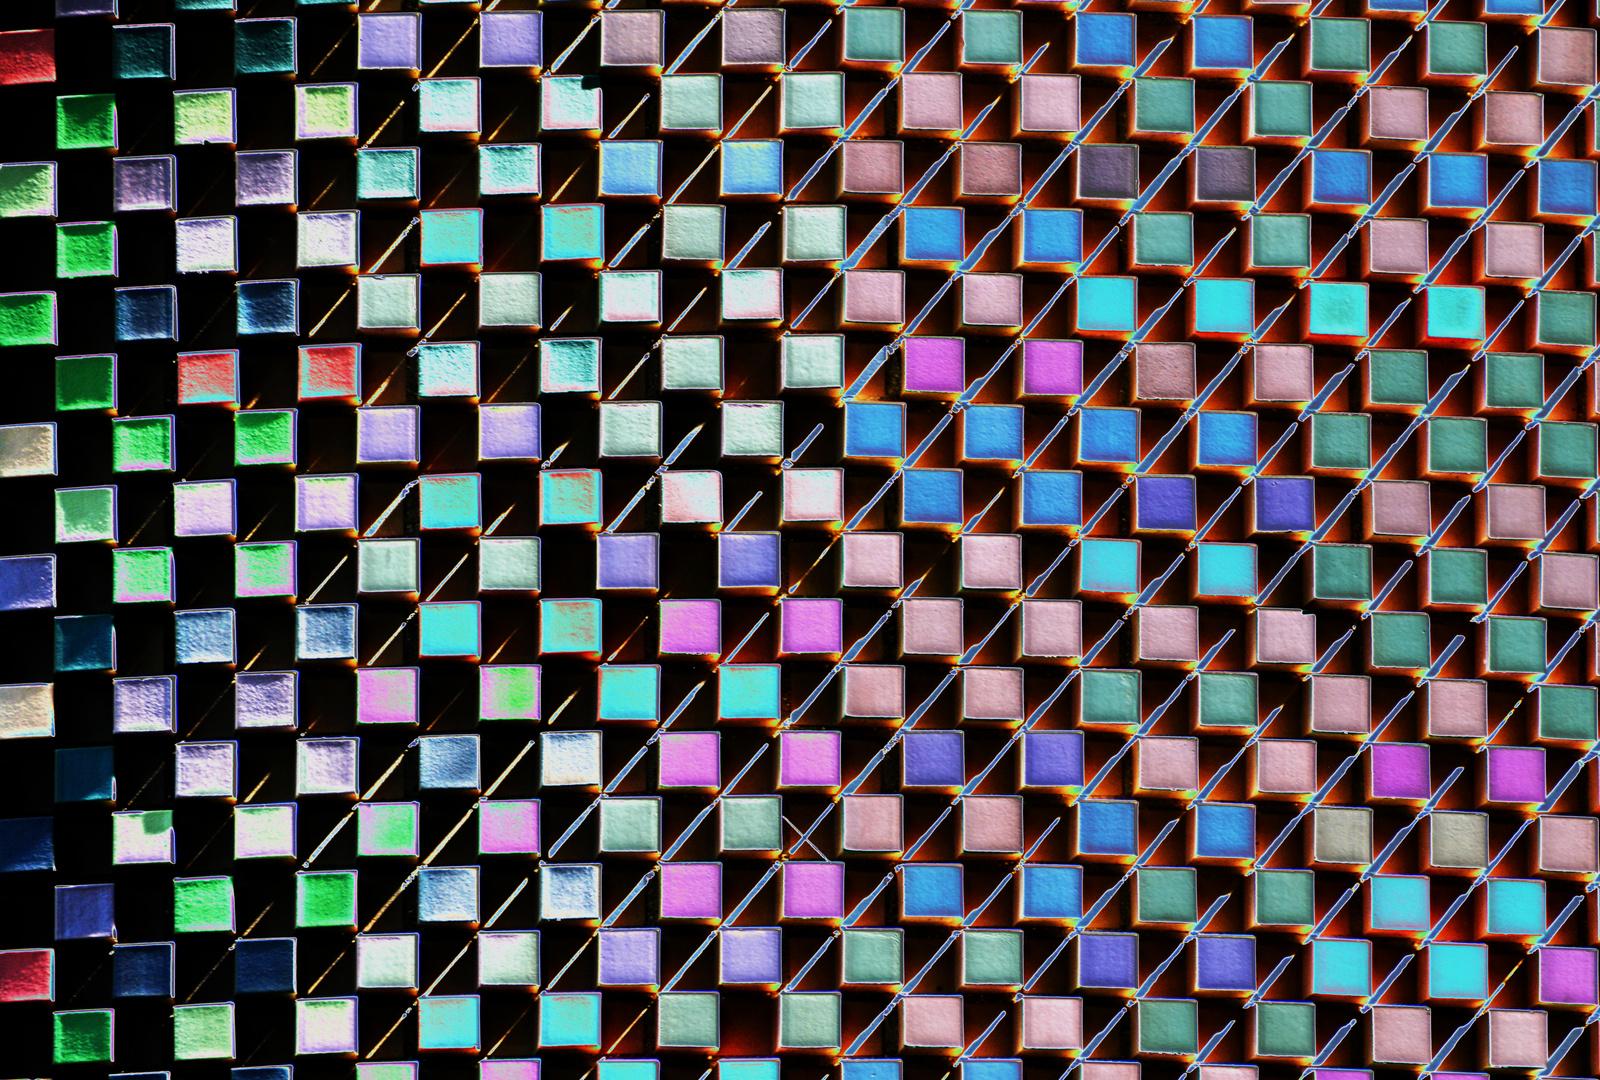 Screenshot mit Pixelfehlern - die Dunkle Seite breitet sich aus